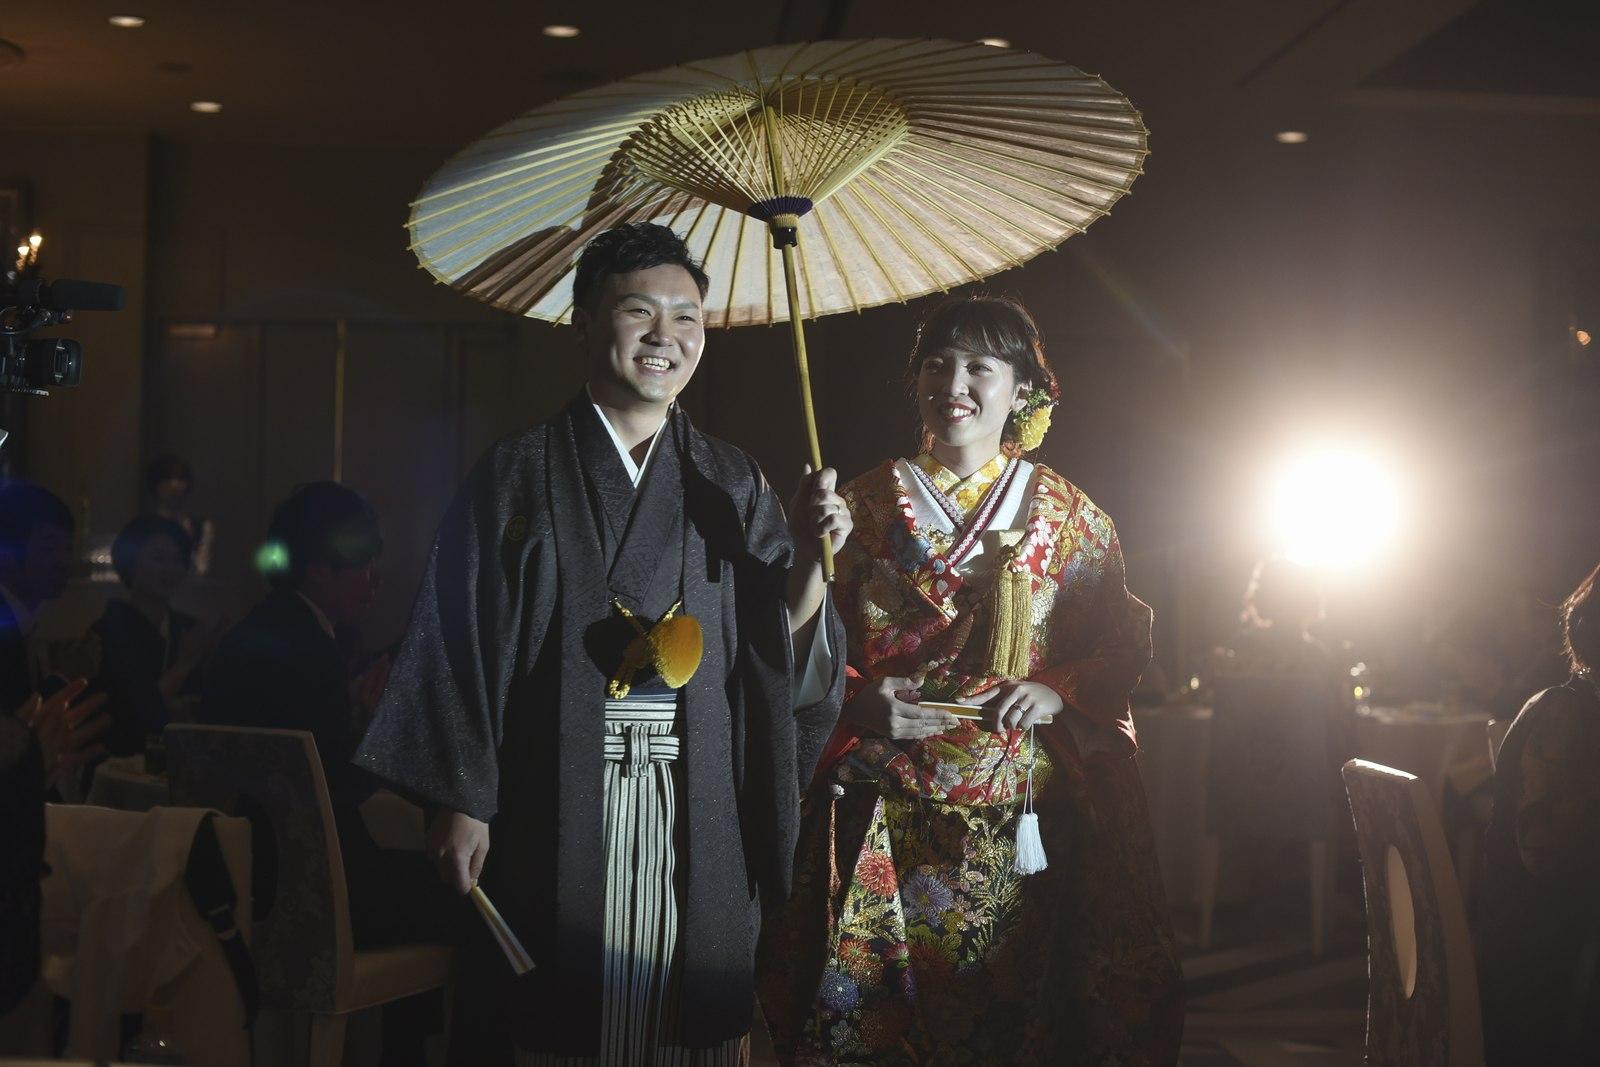 徳島市の結婚式場ブランアンジュで和装で番傘を持ちお色直し入場する新郎新婦様